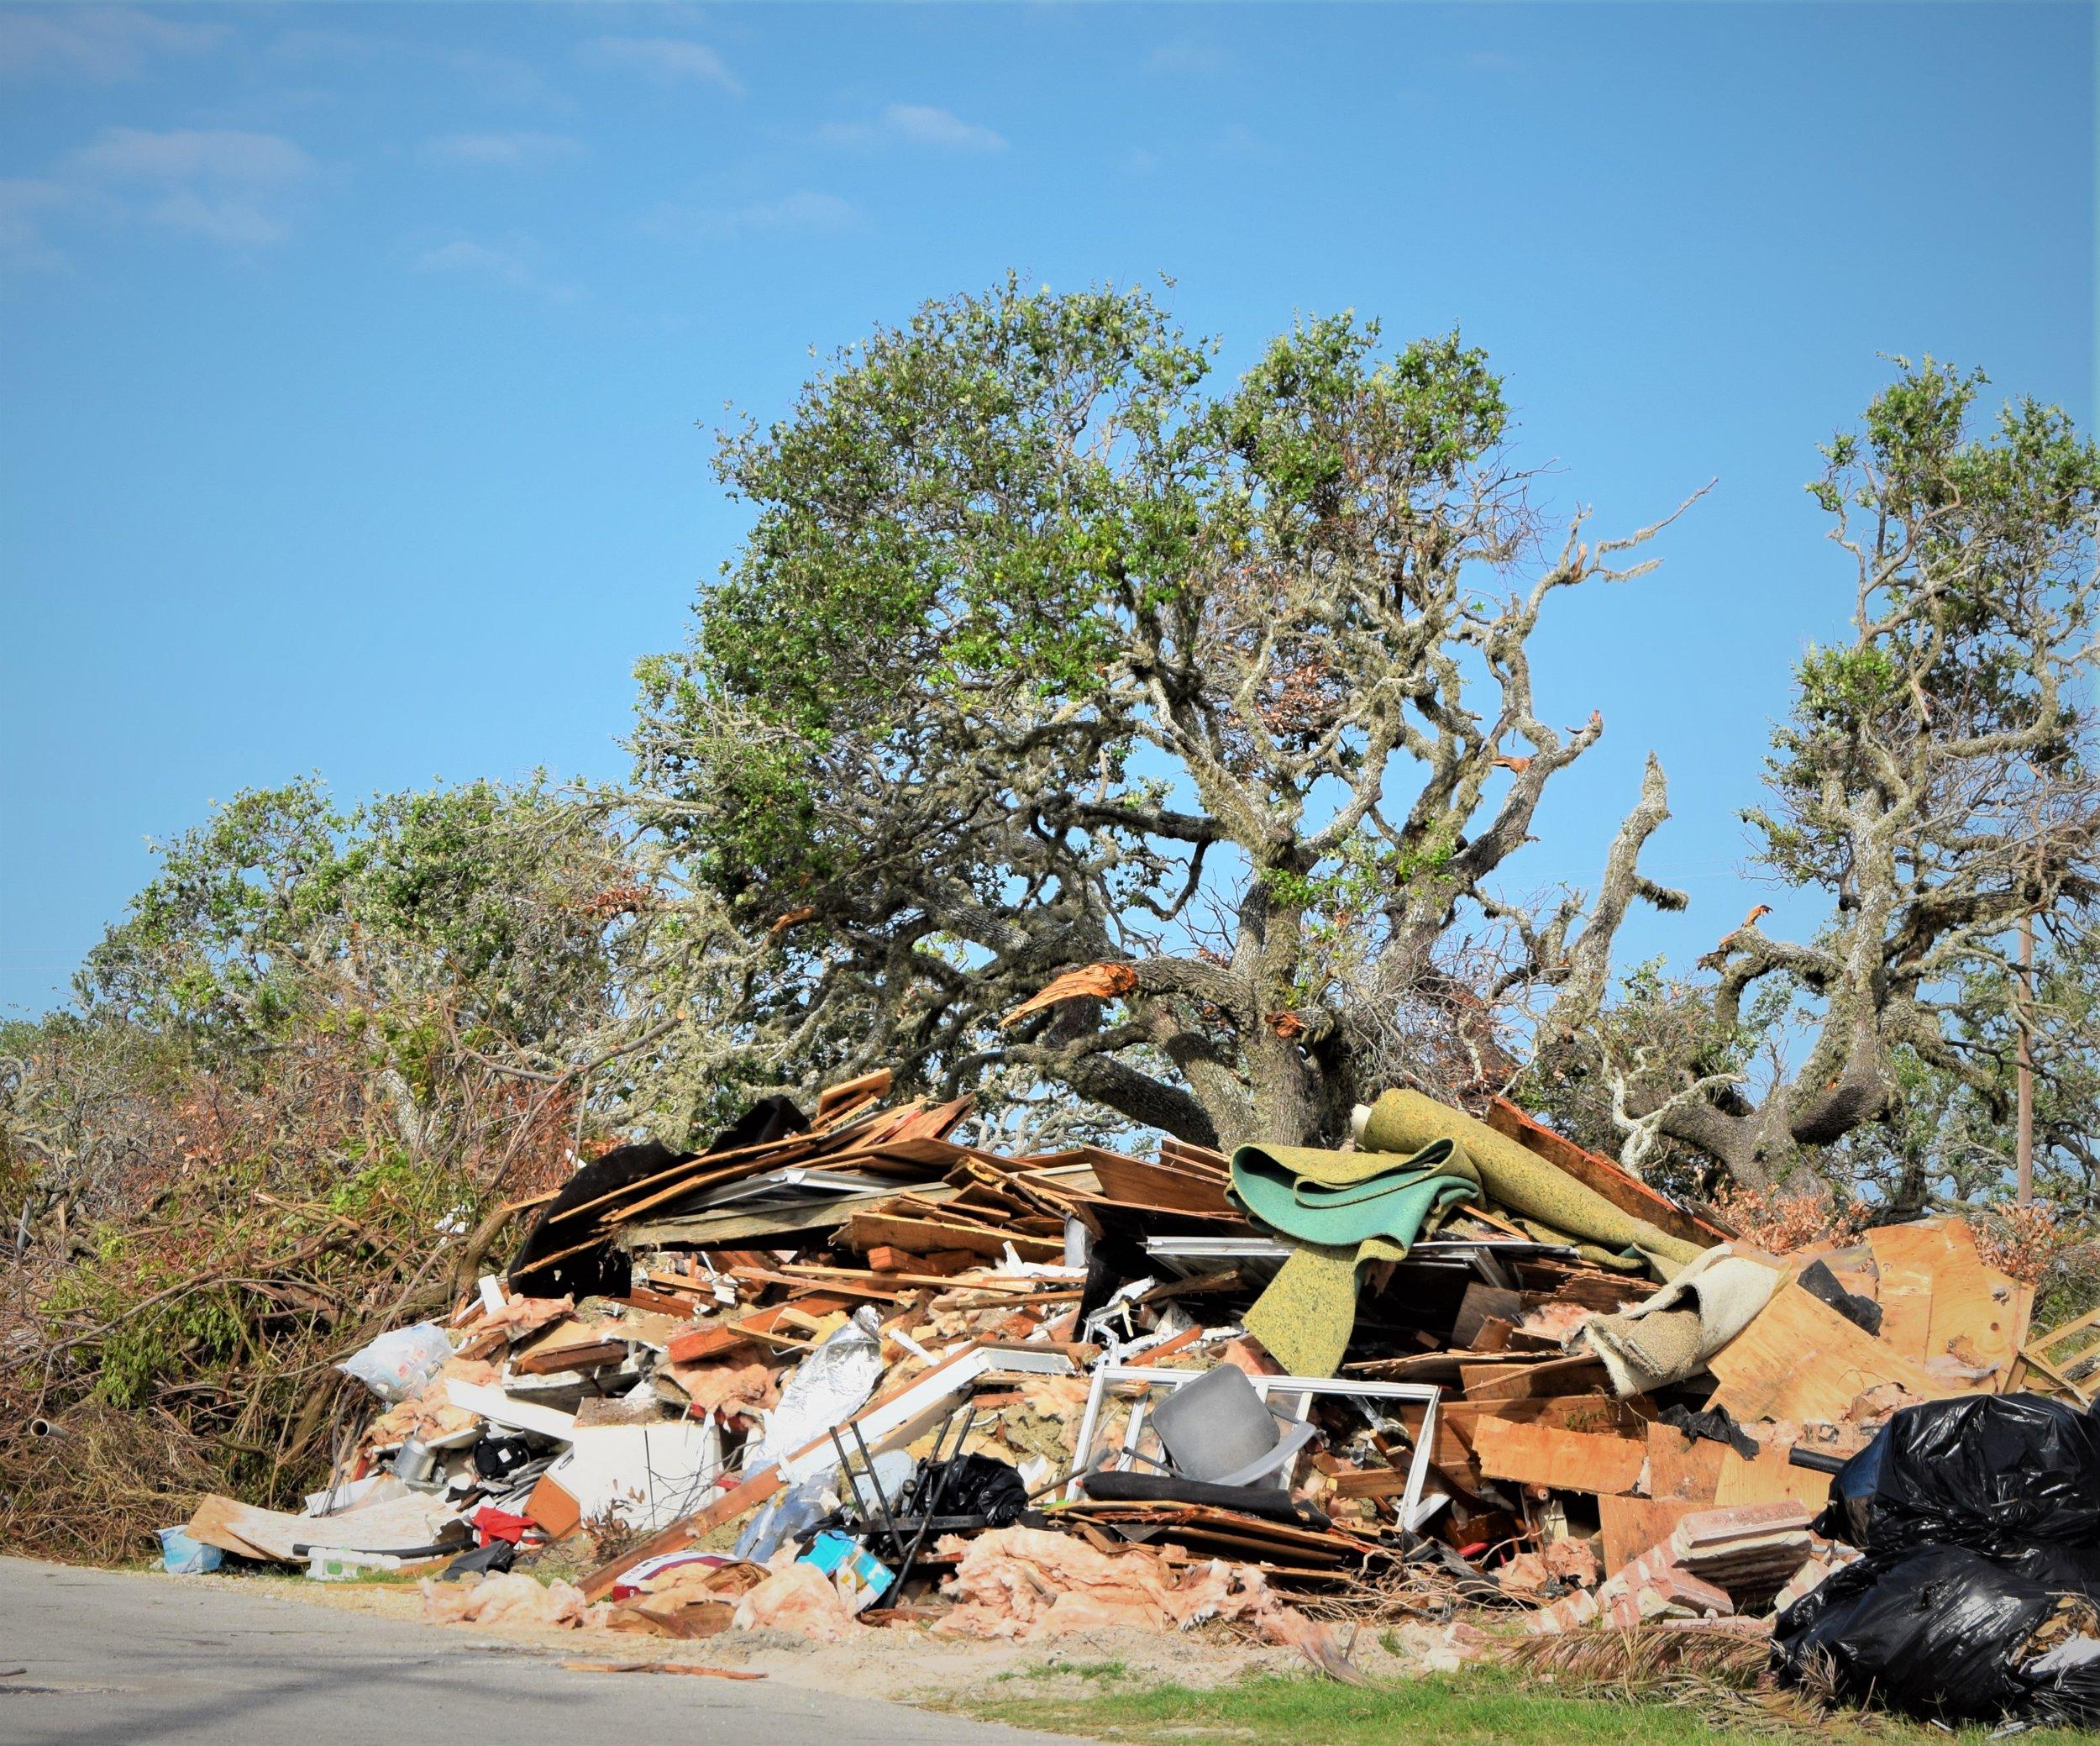 street debris.jpg